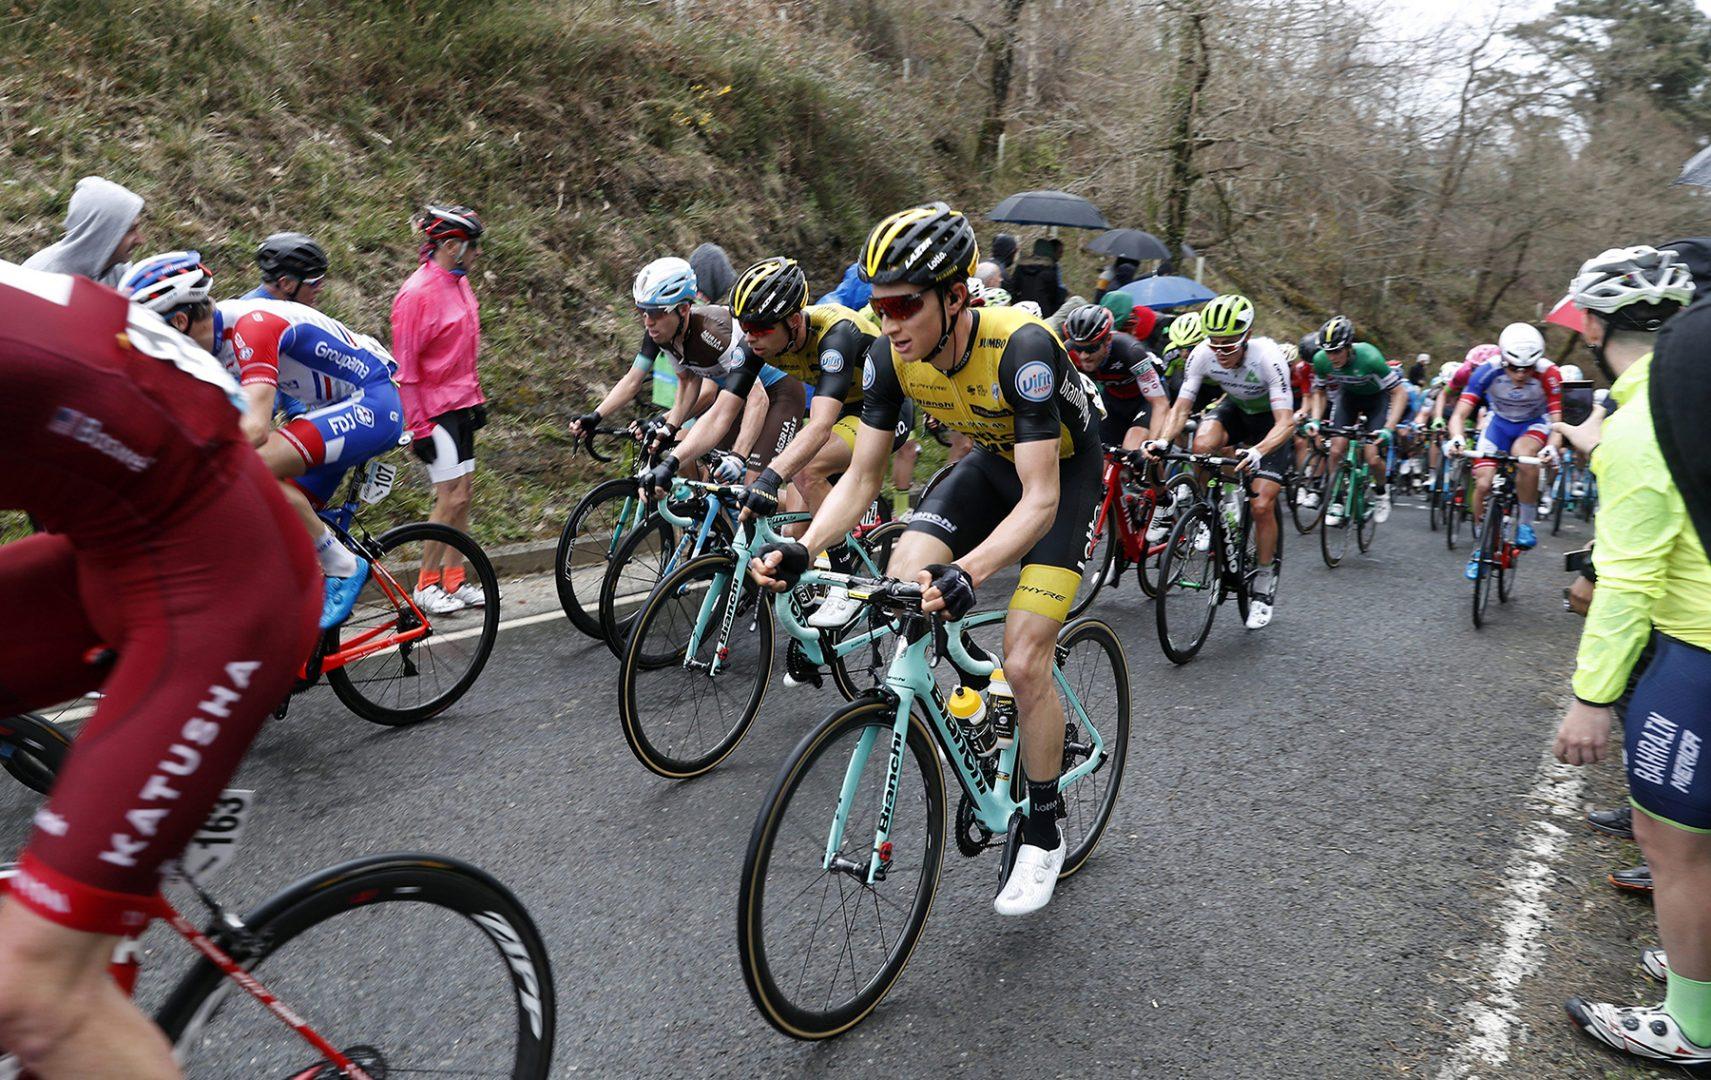 El pelotón transita por el Alto de Sollube durante la segunda etapa de la Vuelta Ciclista al País Vasco (FOTO: EFE).